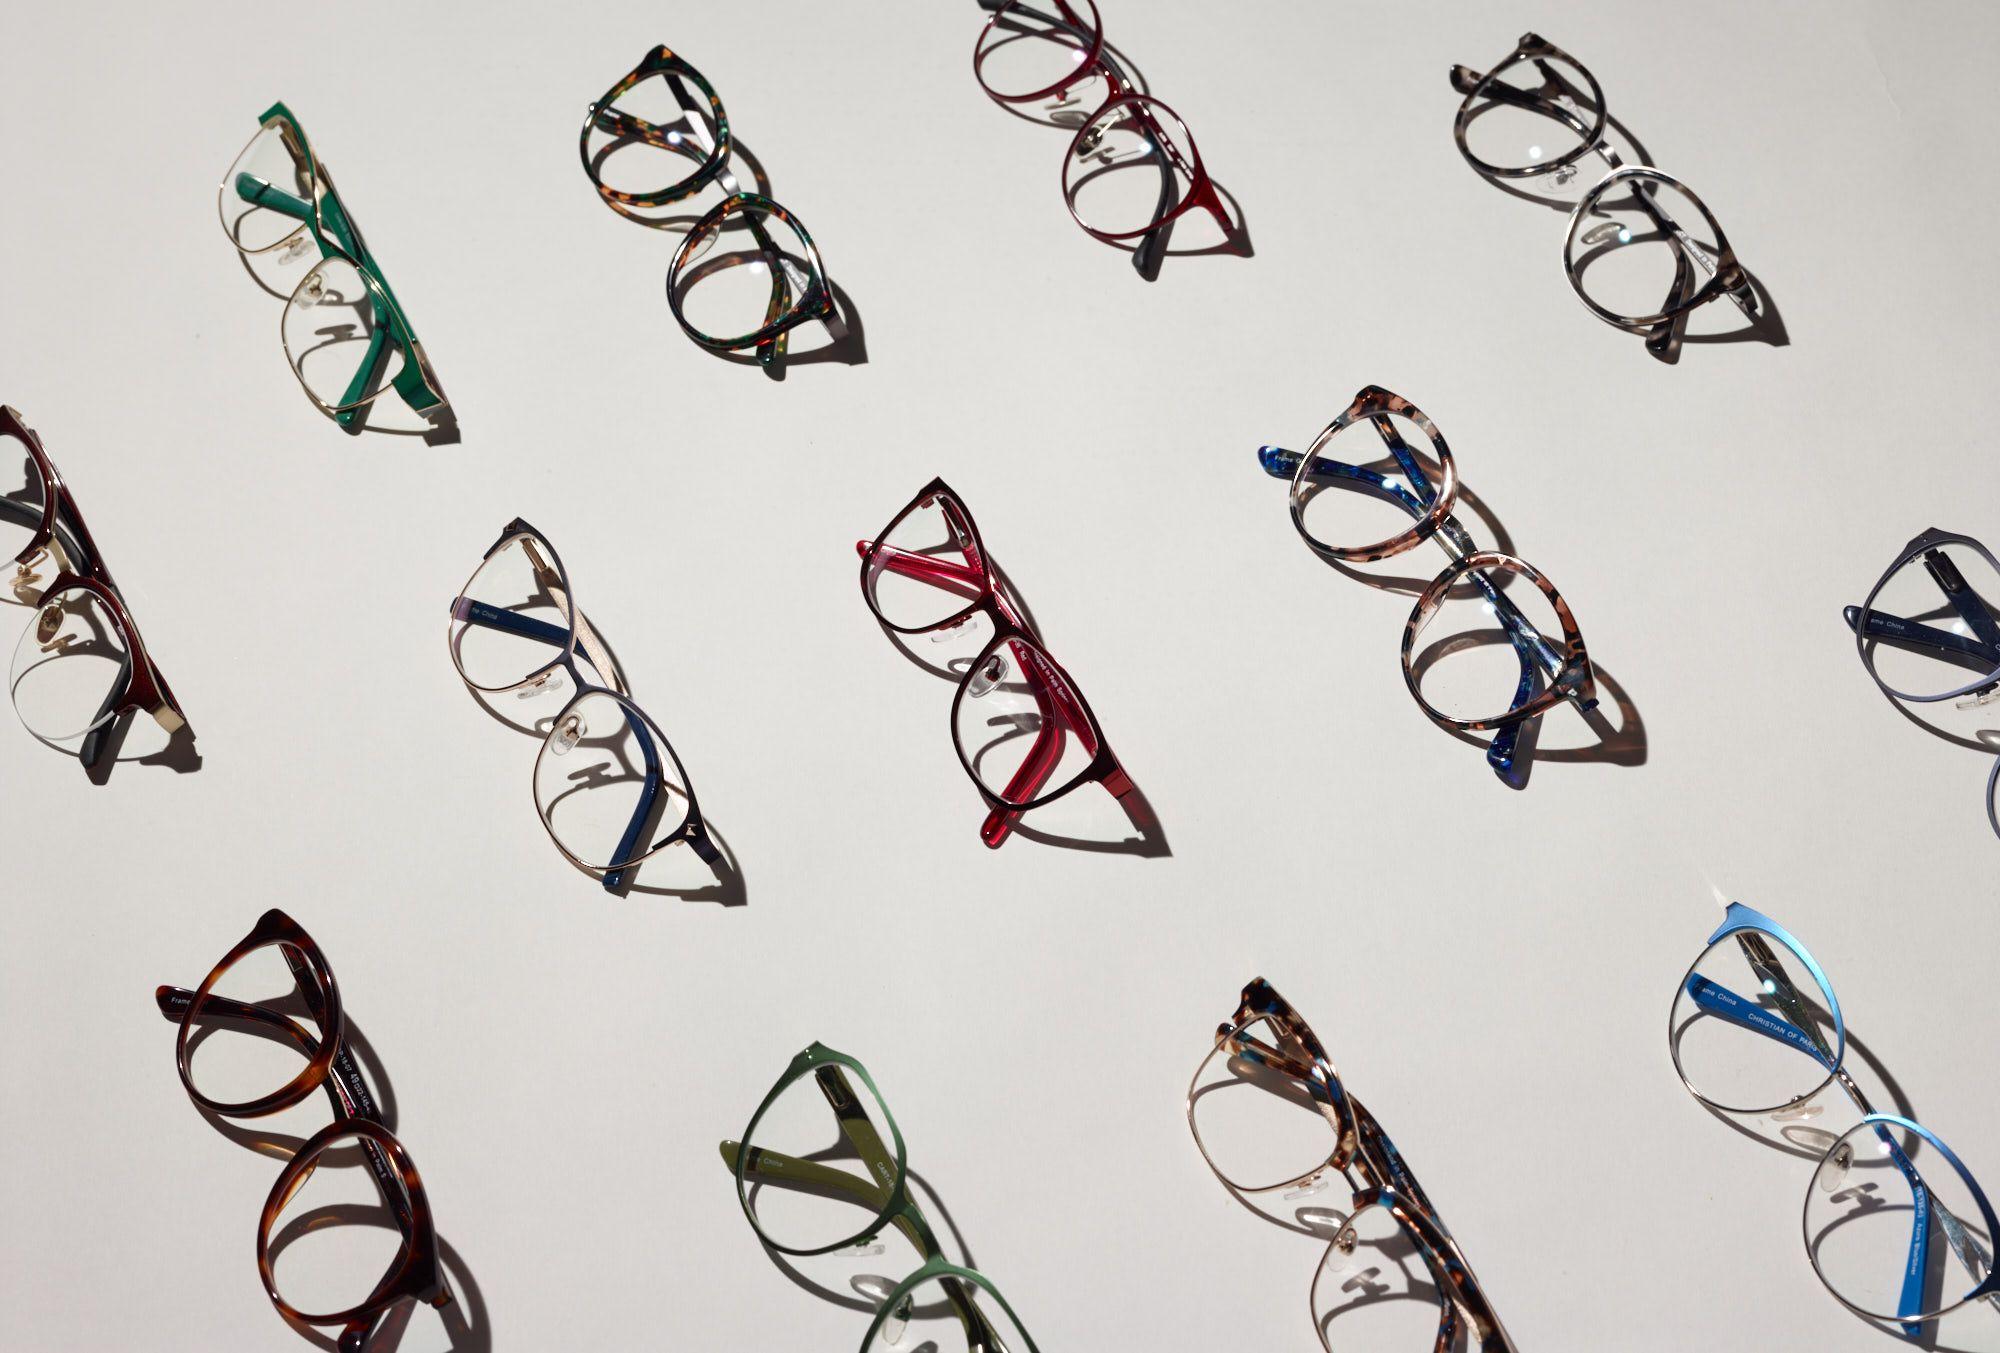 Near Me Eye exam, Art optical, Prescription lenses